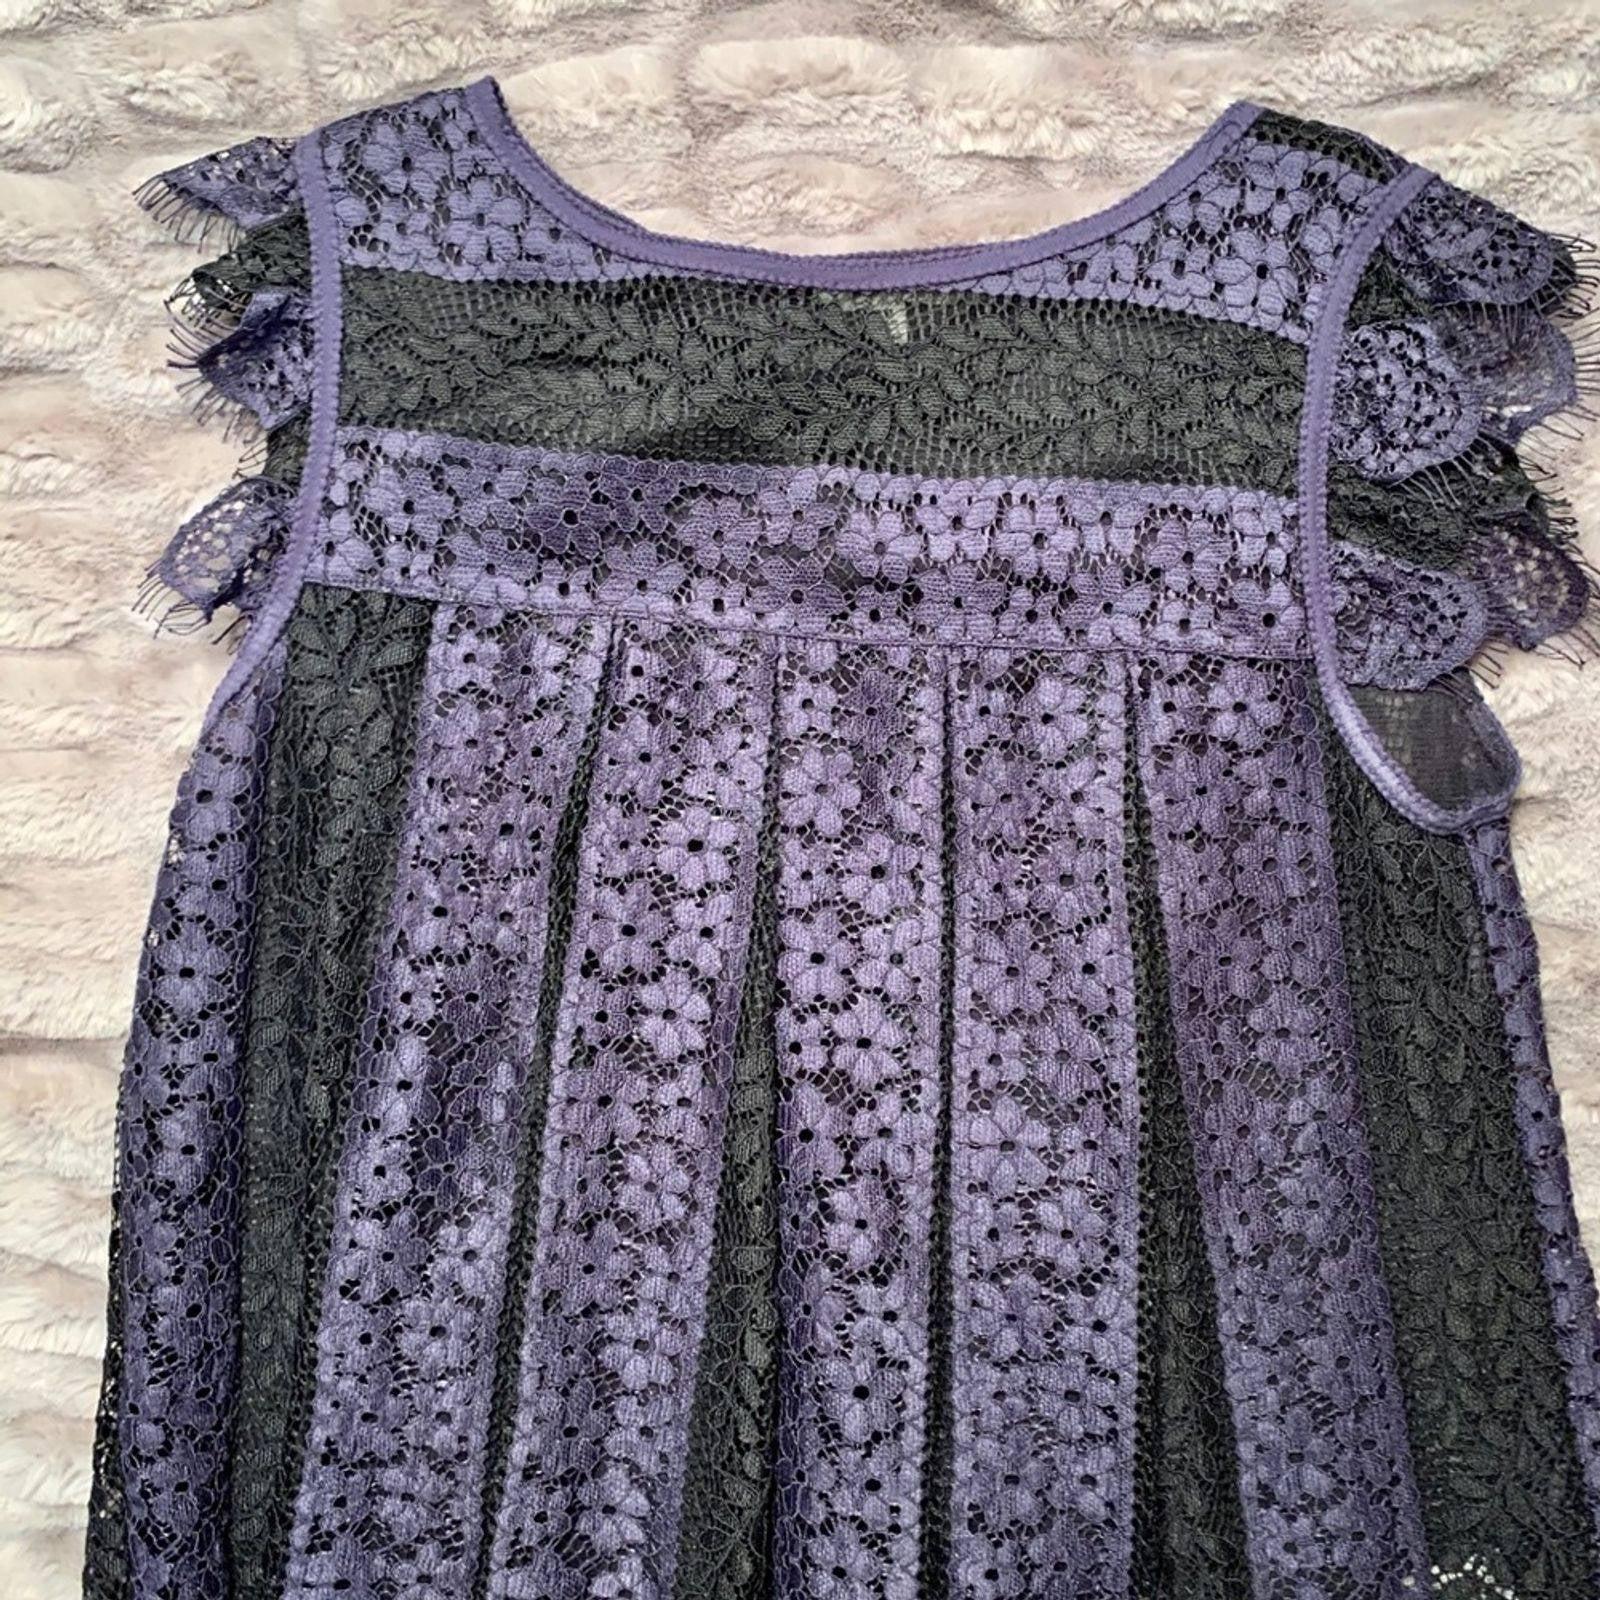 Max studio Lace top blue & black Size M